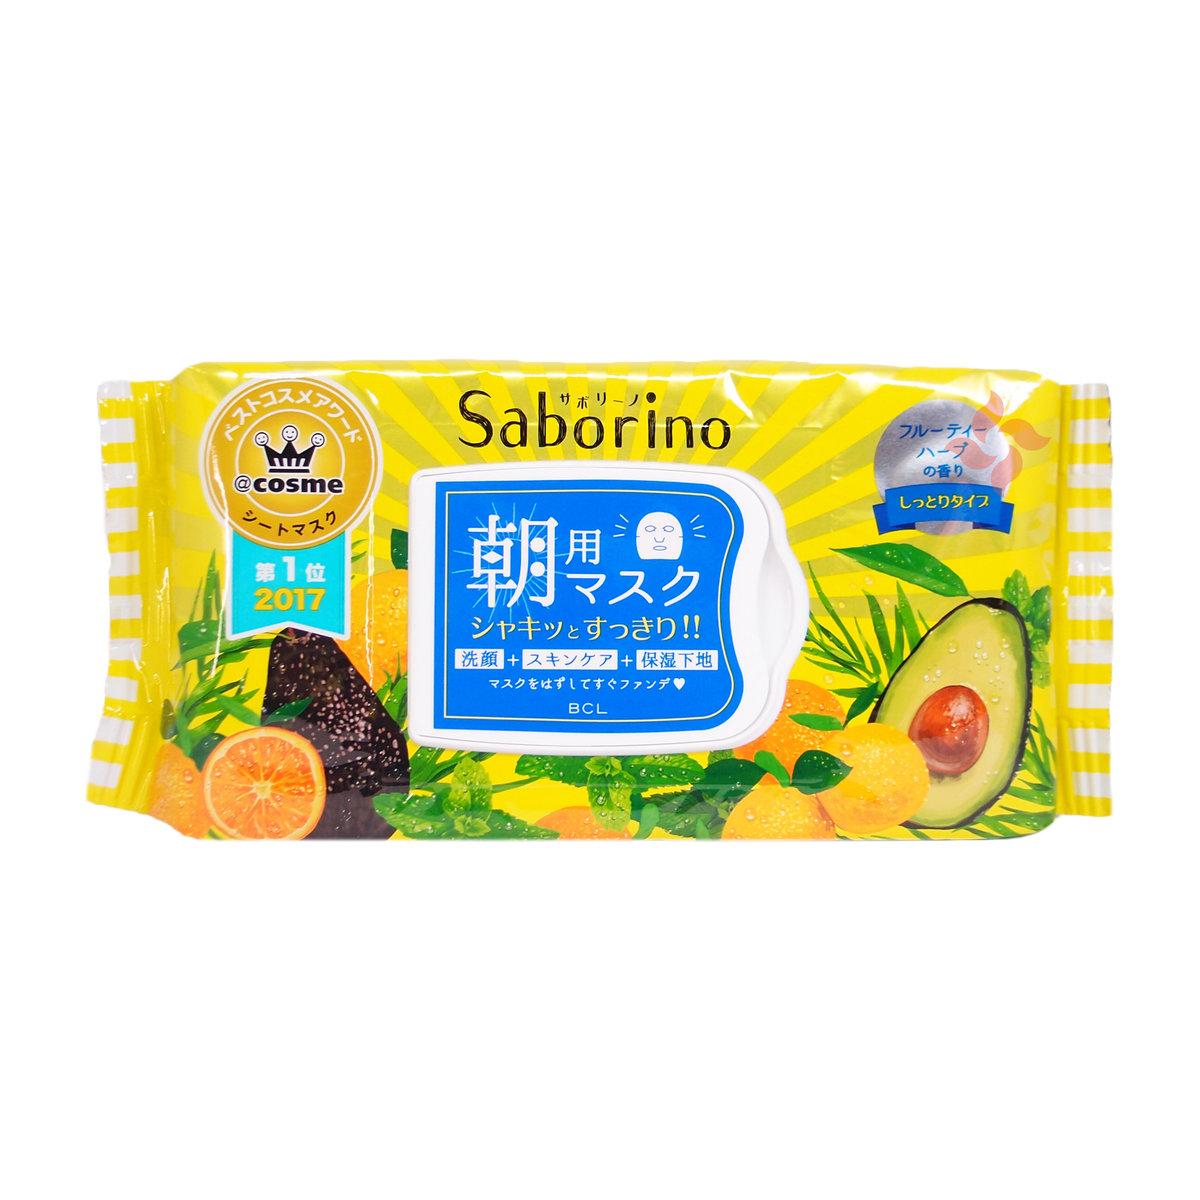 Saborino 早安面膜 32枚入 (牛油果)  (4515061186311)